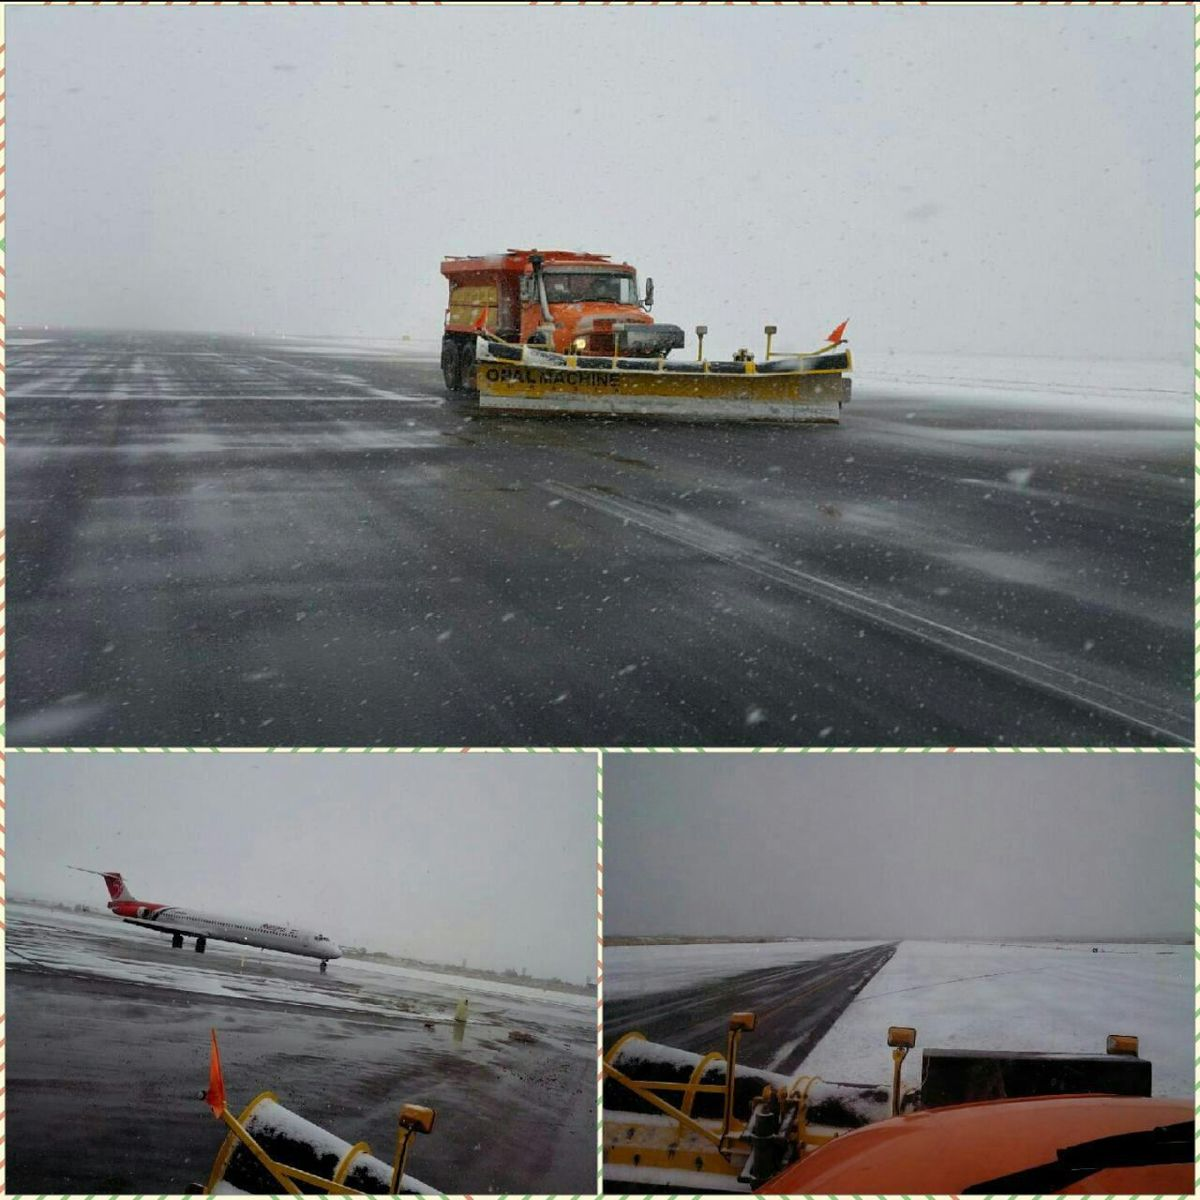 با وجود بارش برف سنگین، باند پرواز فرودگاه تبریز عملیاتی شد